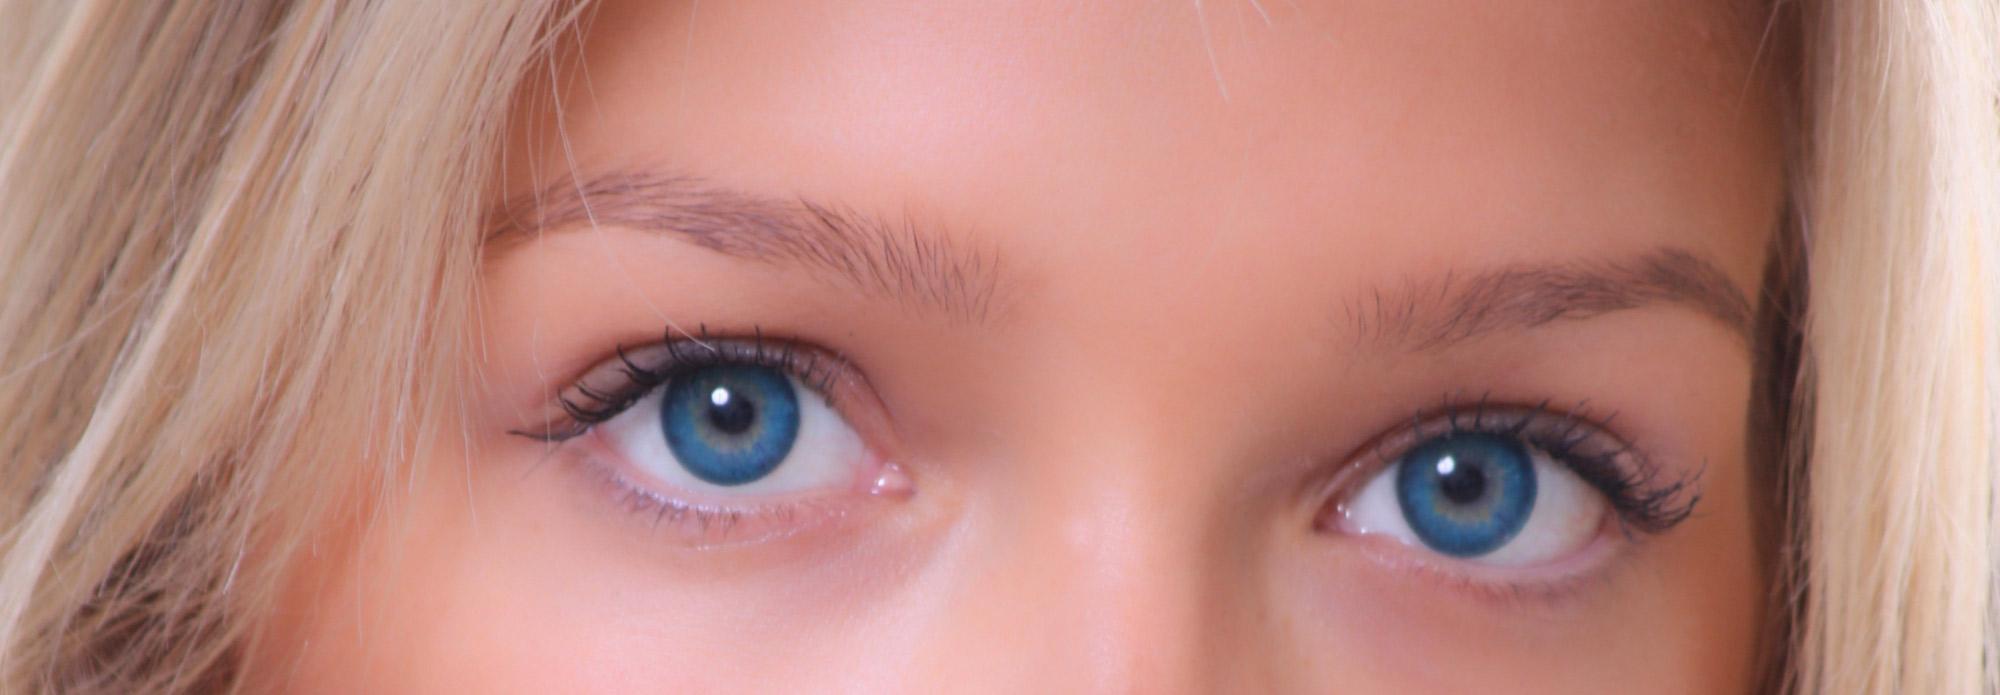 Maquillaje en ojos, consejos de estética